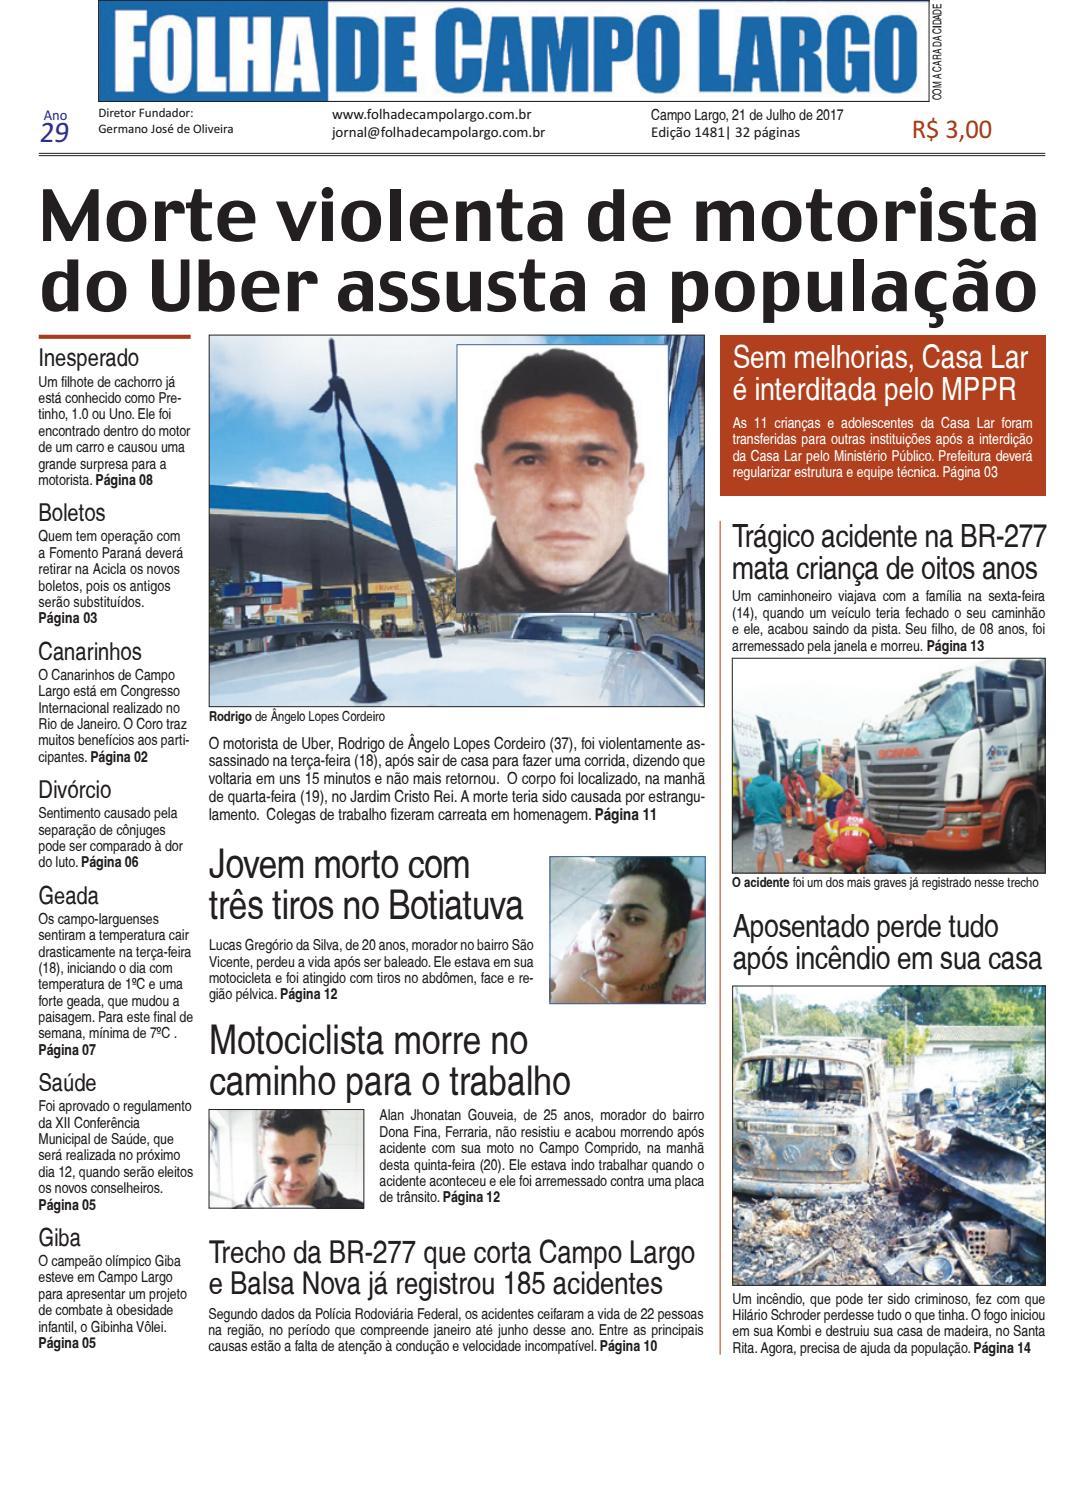 Folha de Campo Largo by Folha de Campo Largo - issuu 523a76bb2c